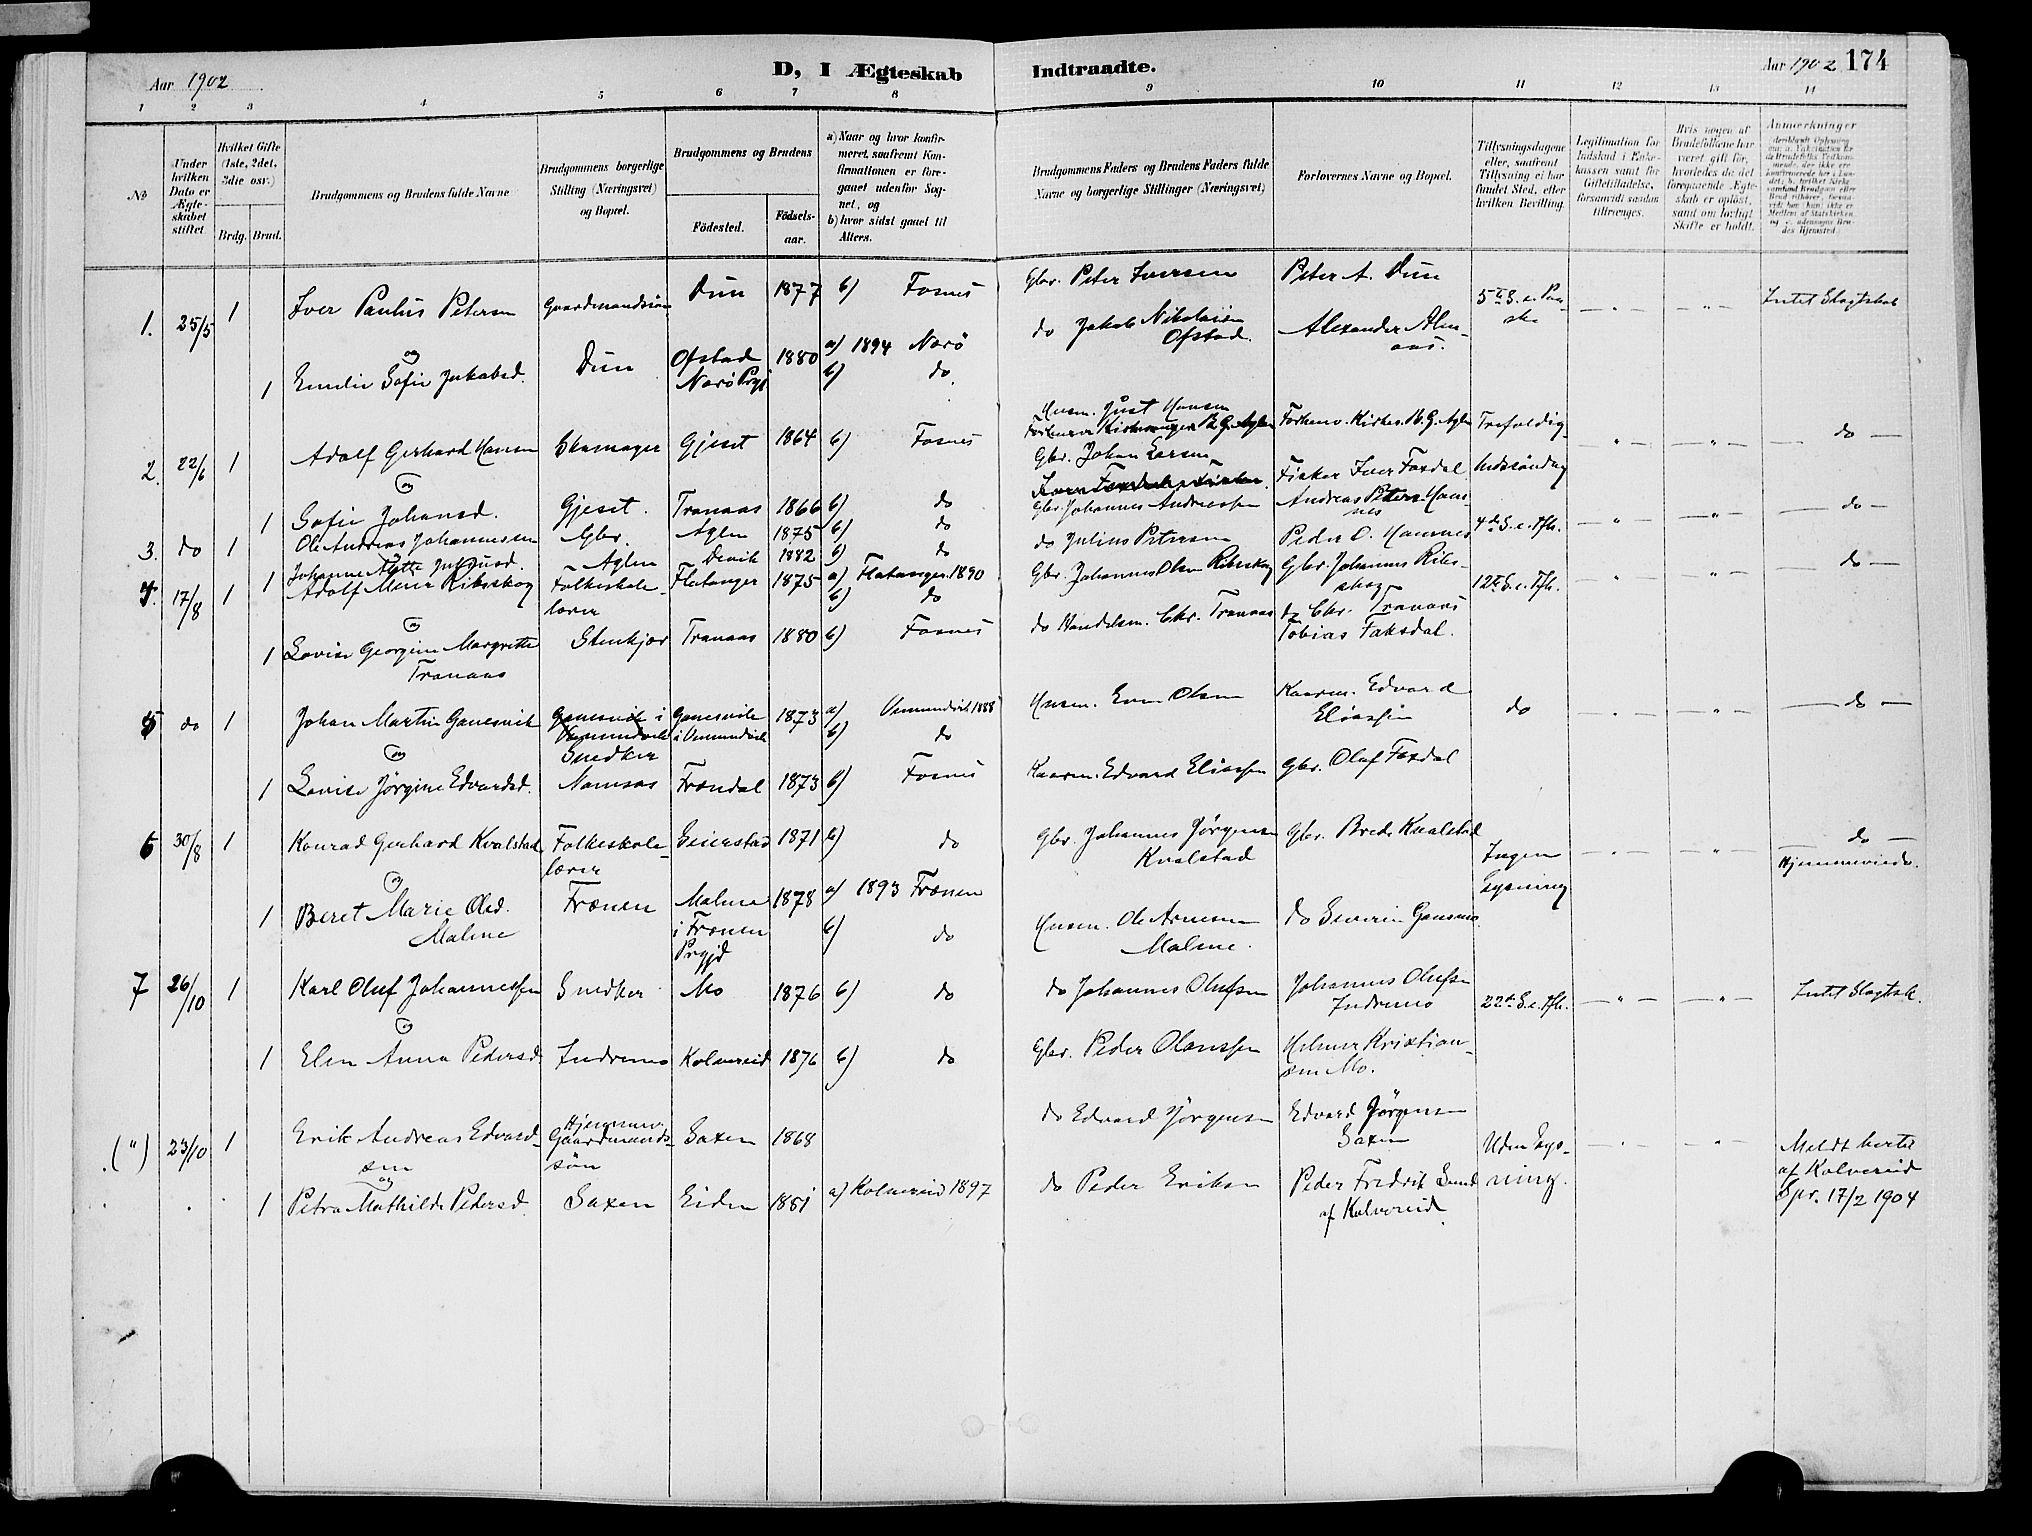 SAT, Ministerialprotokoller, klokkerbøker og fødselsregistre - Nord-Trøndelag, 773/L0617: Ministerialbok nr. 773A08, 1887-1910, s. 174